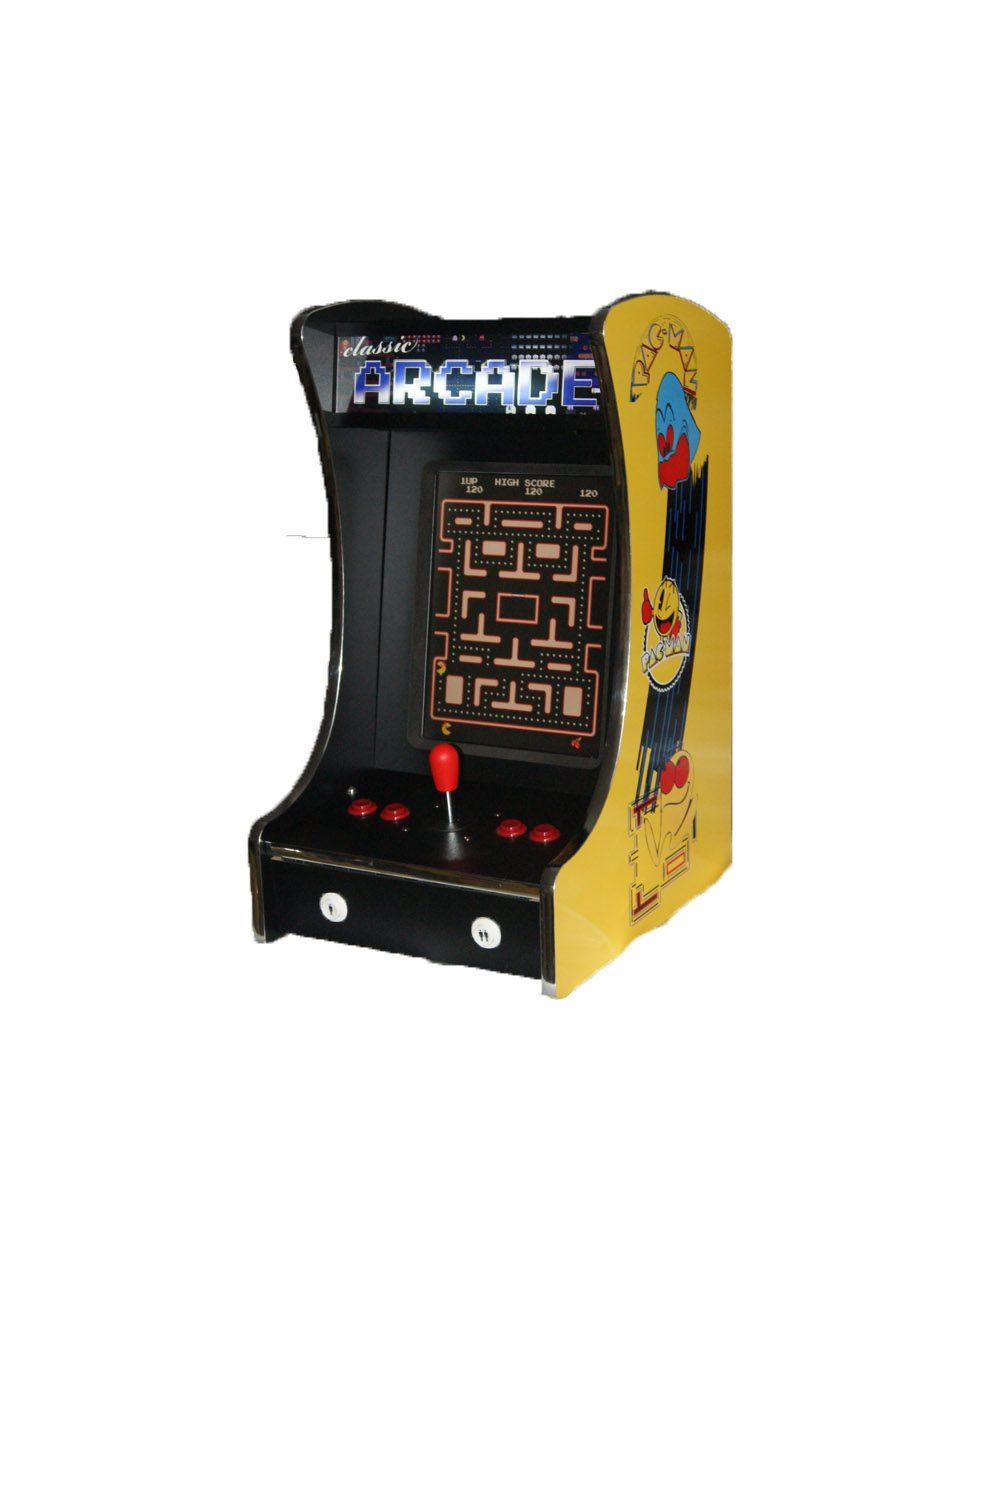 Arcade Rewind 60 Game Bar Top Arcade Machine Pac-Man